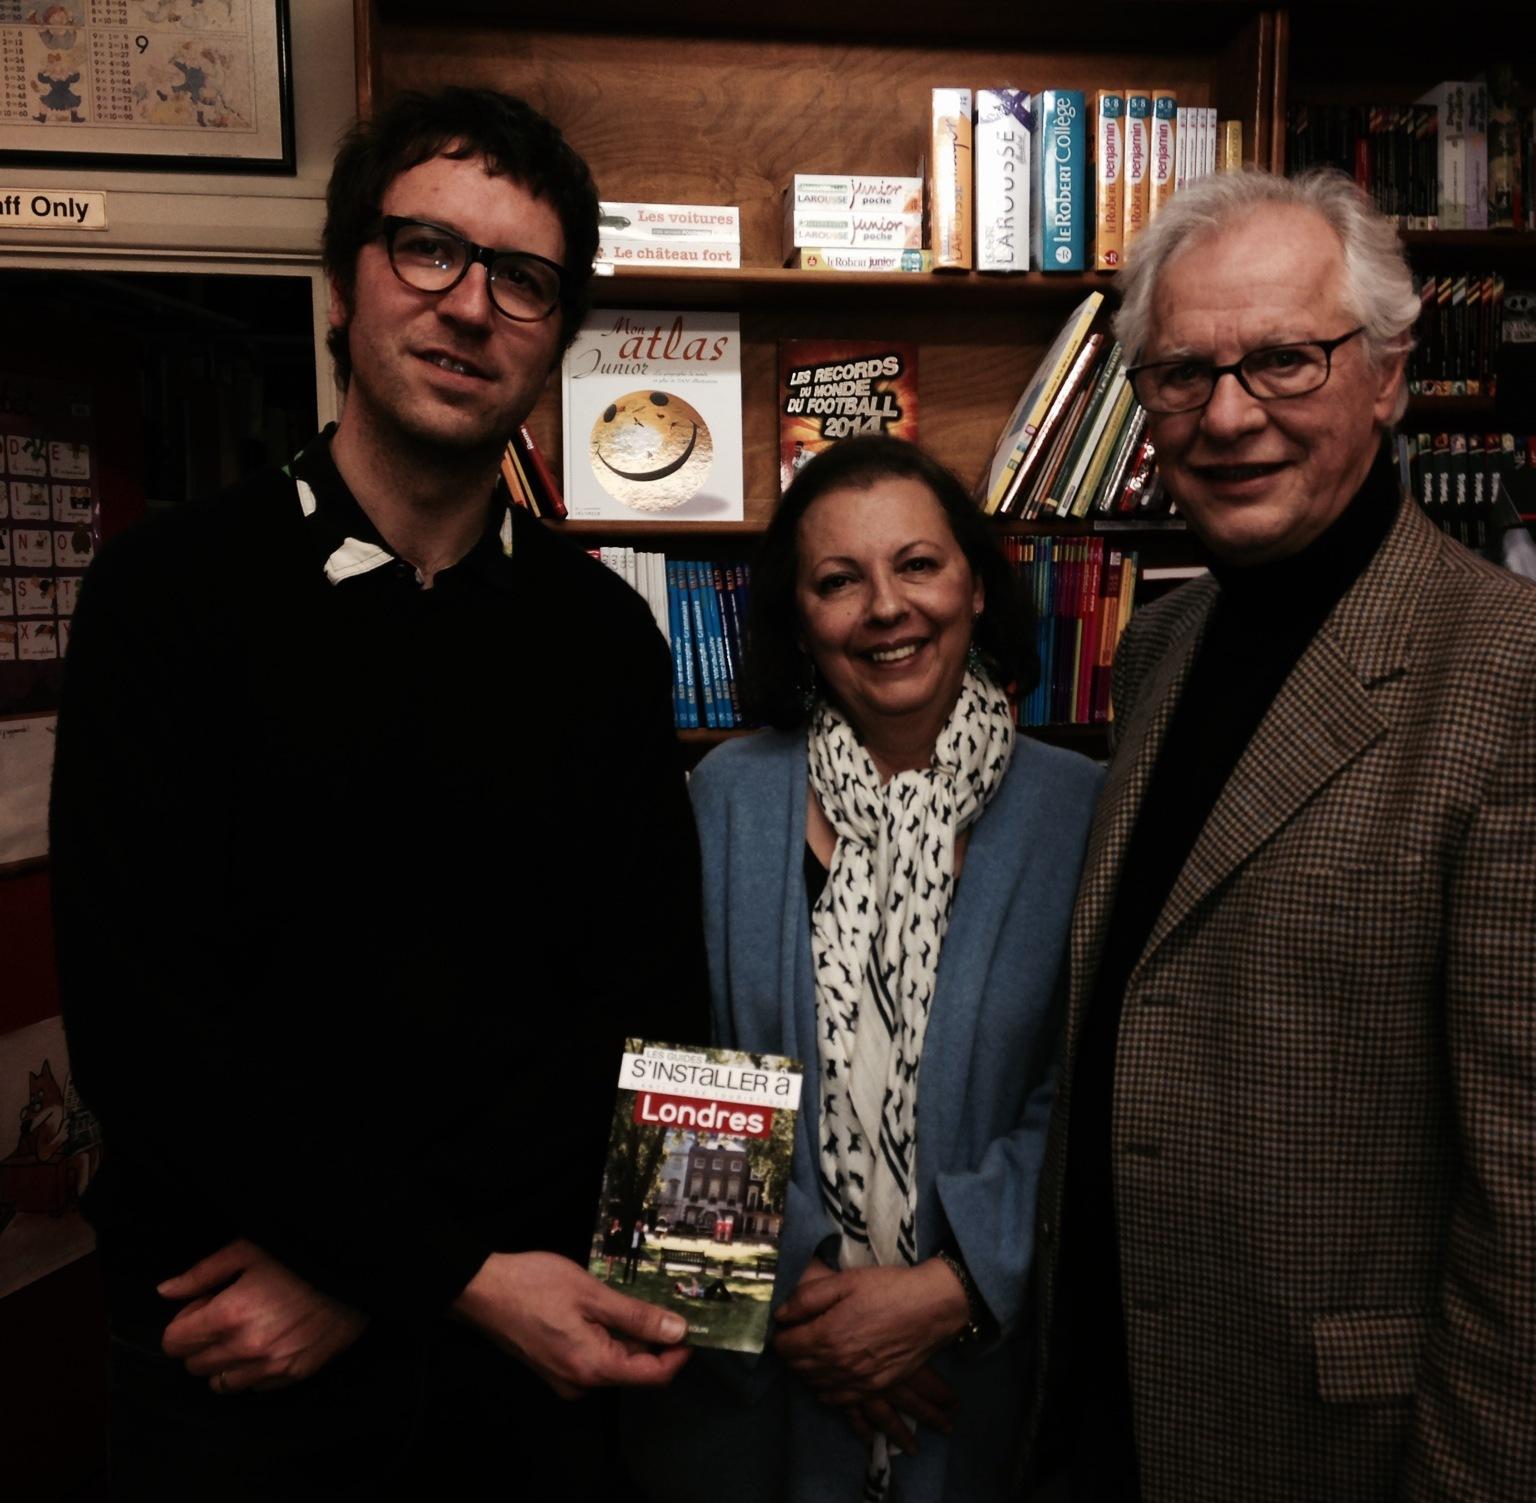 """Samuel Pétrequin présente """"S'installer à Londres"""" aux côtés de Laure et Robert Zaigue à la French Bookshop"""